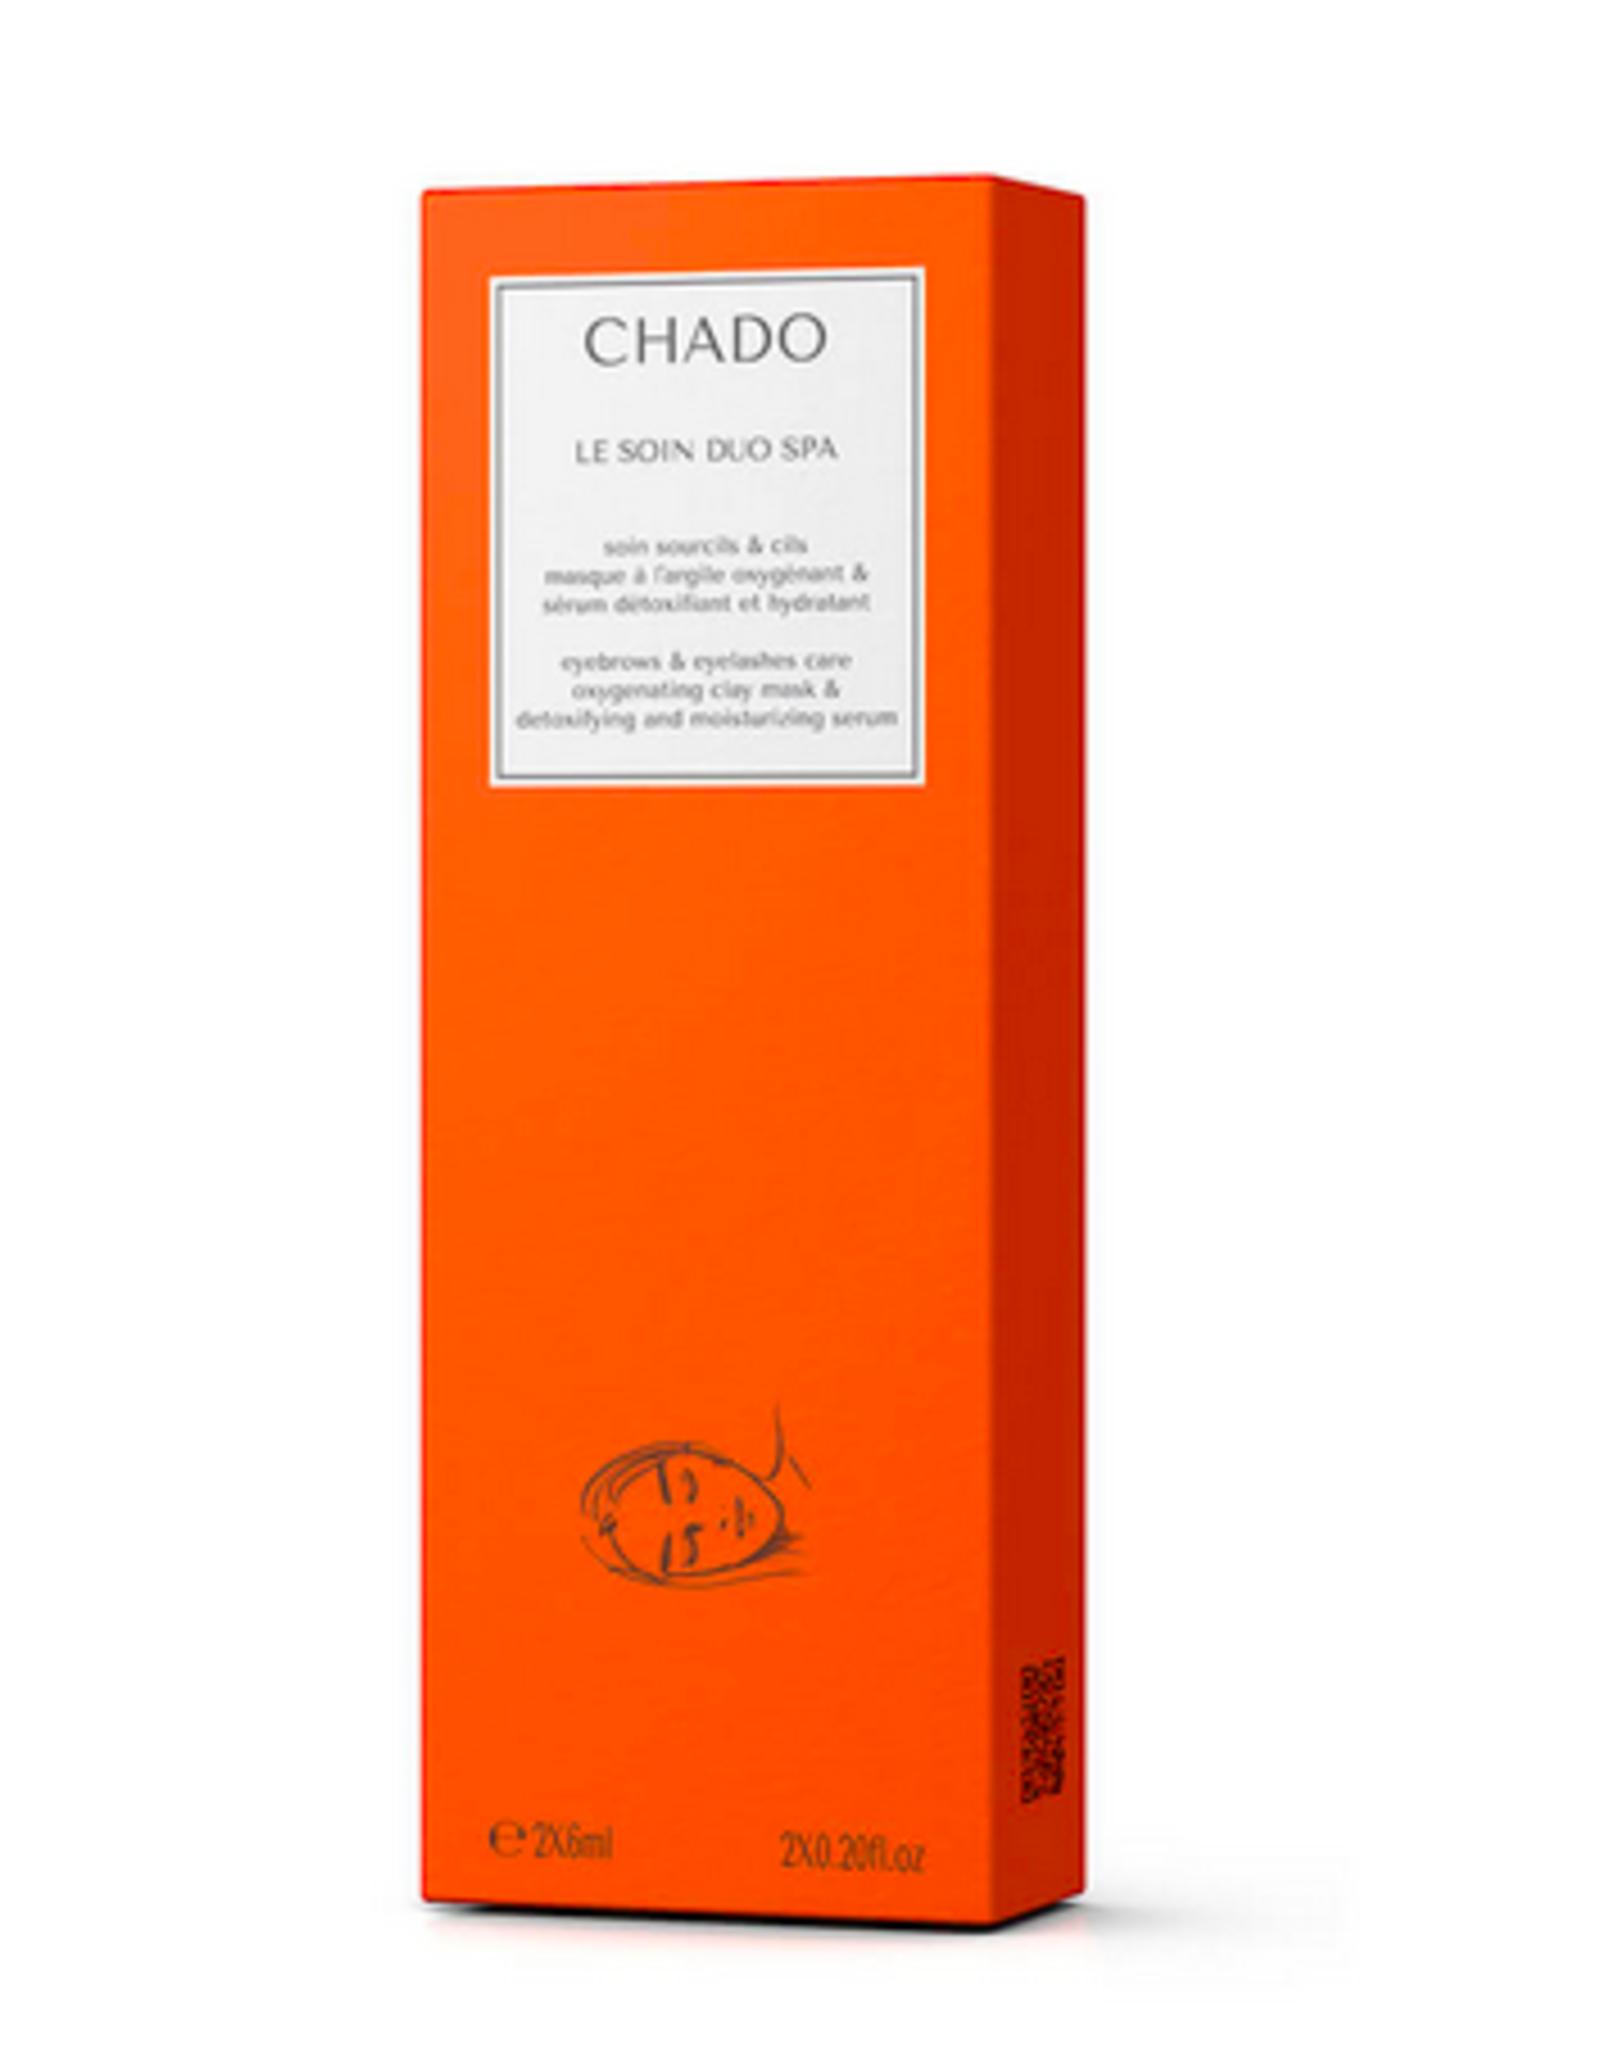 Chado Chado - Le soin duo spa